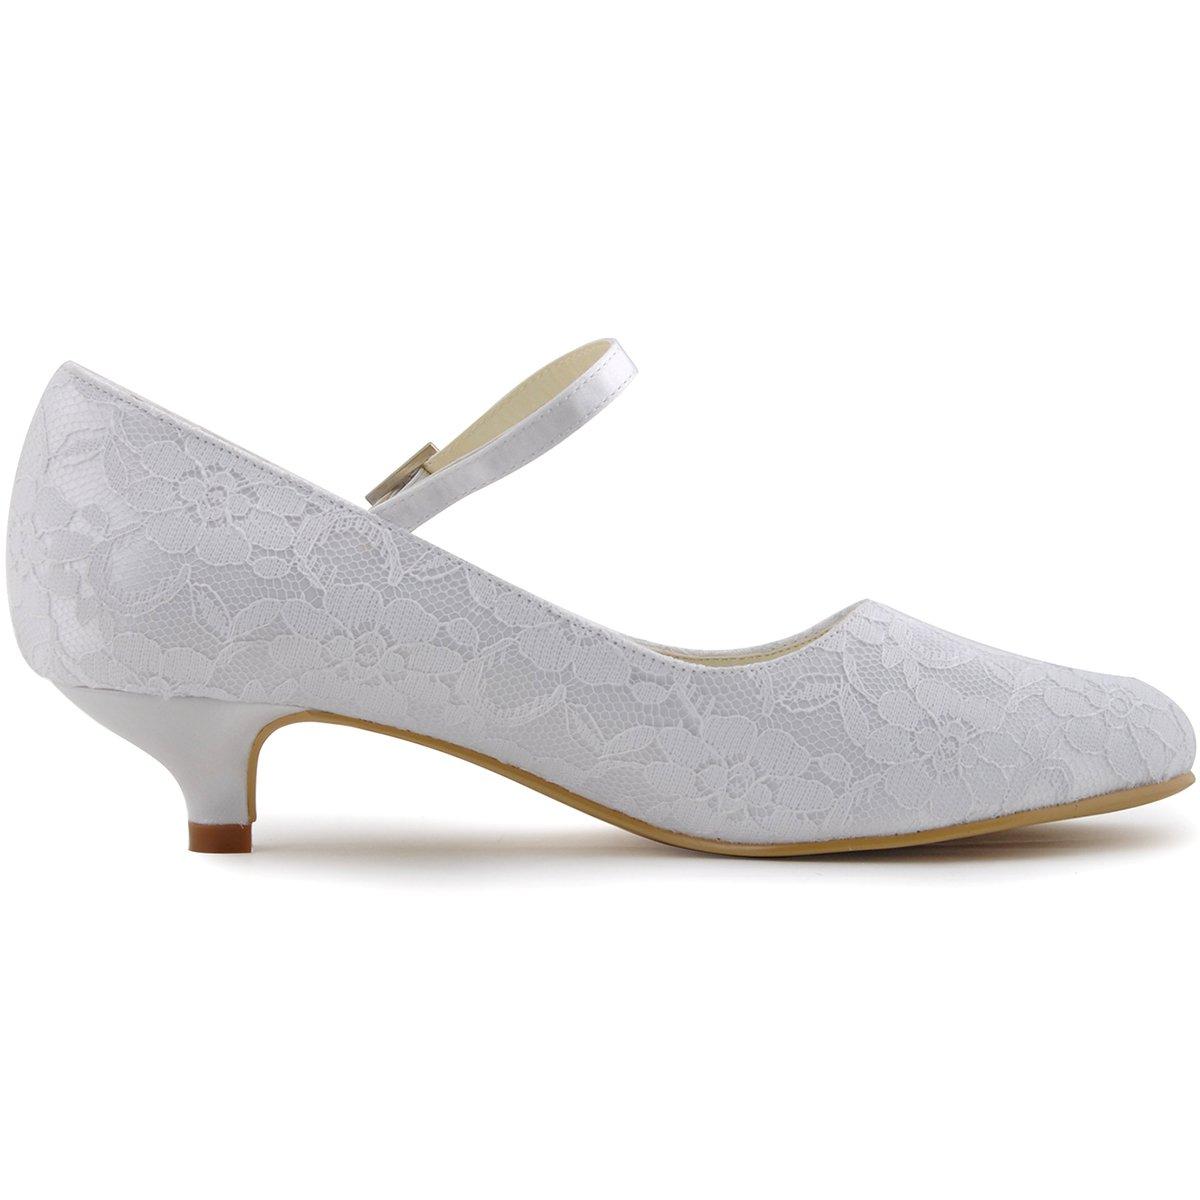 ElegantPark 100120 Mujer Mary Jane Cerrado Puntiaguda Bajo Gatito Tac/ón Corte Zapatos Hebilla Cord/ón Boda Nupcial Zapatos